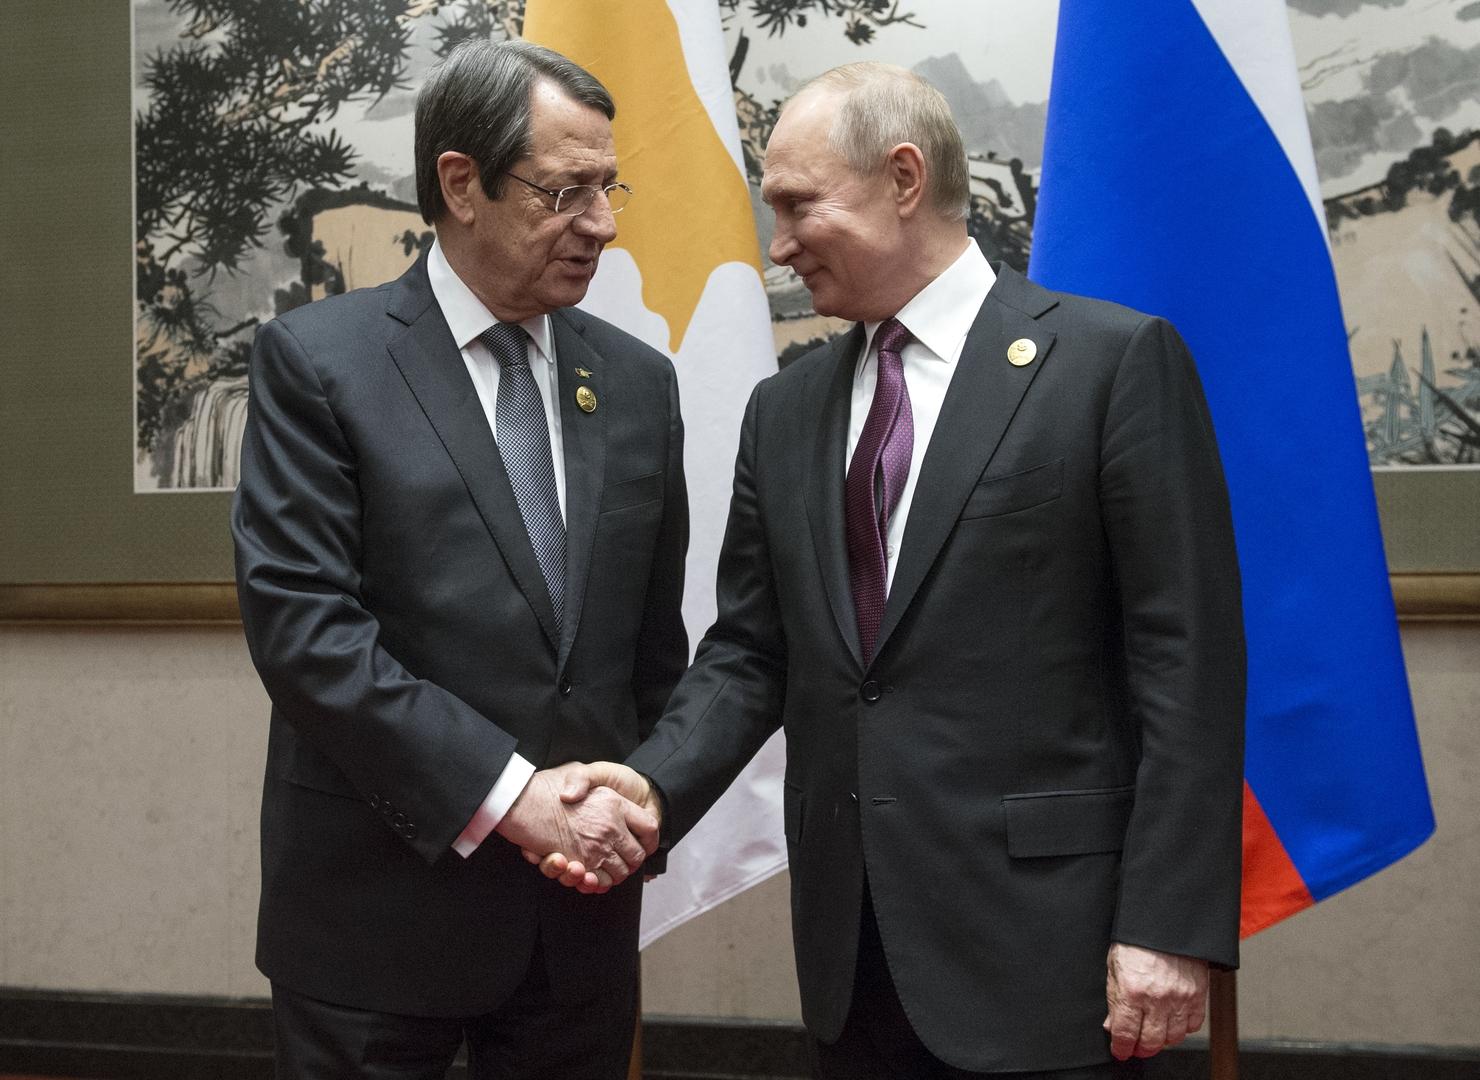 الرئيسان الروسي فلاديمير بوتين والقبرصي نيكوس أناستاسياديس (أرشيف)